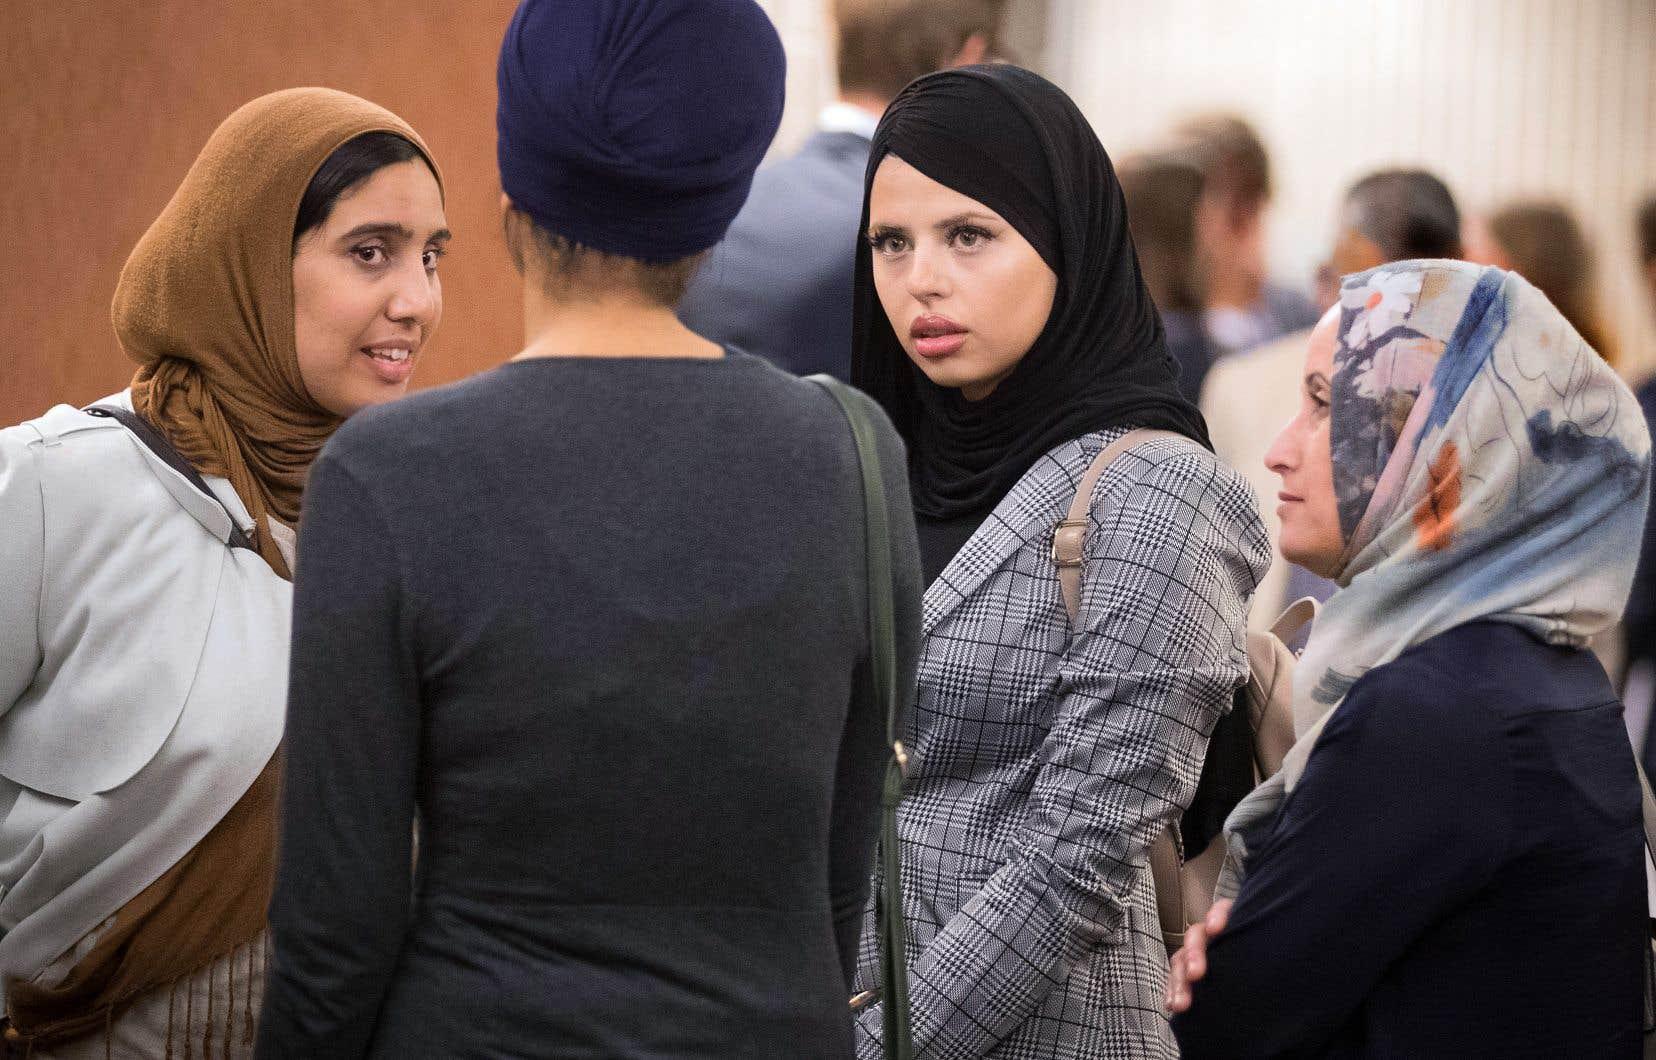 Quelques femmes musulmanes ont assisté mardi aux audiences de la Cour supérieure sur la contestation de la Loi sur la laïcité de l'État.